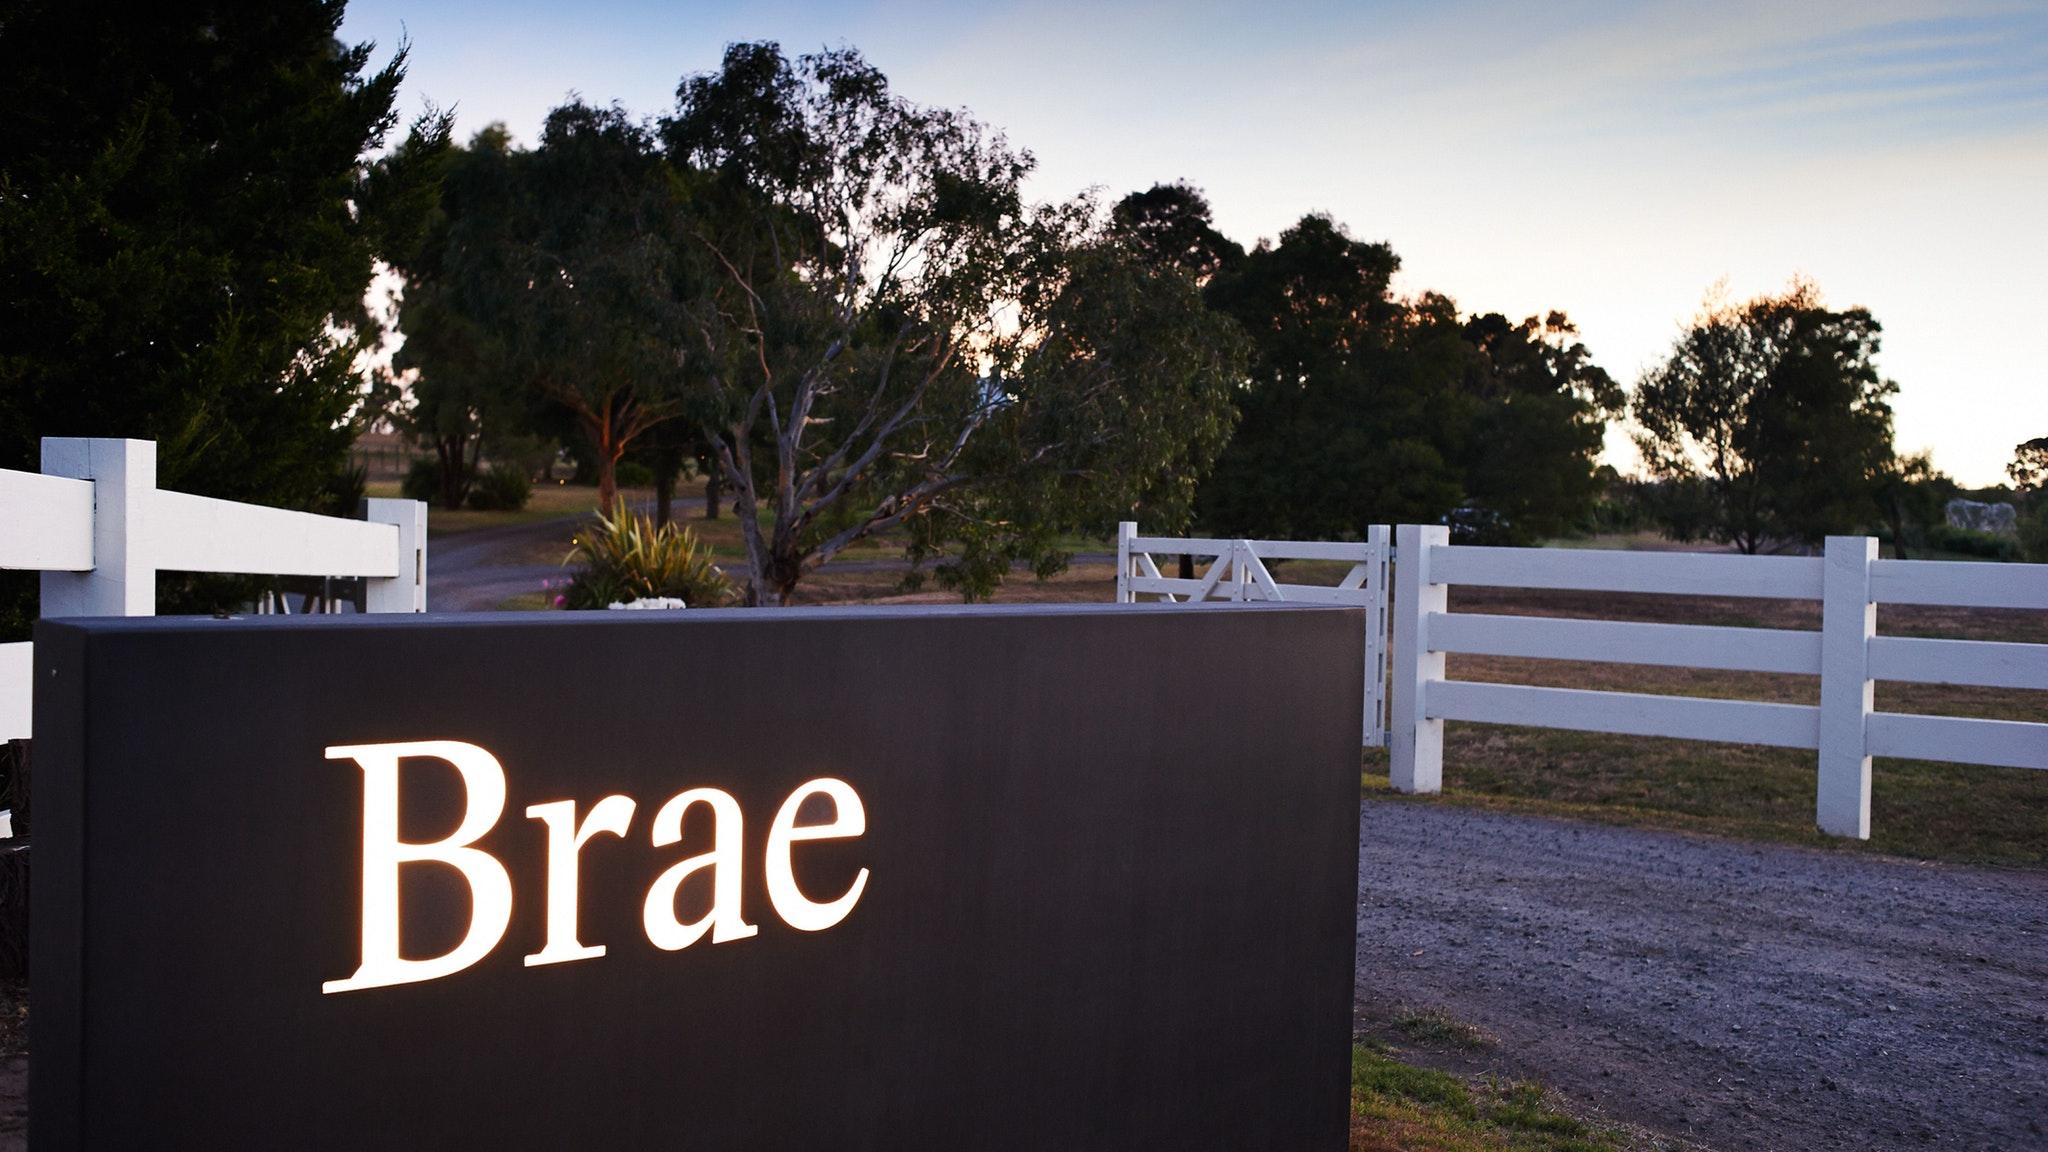 Brae entrance